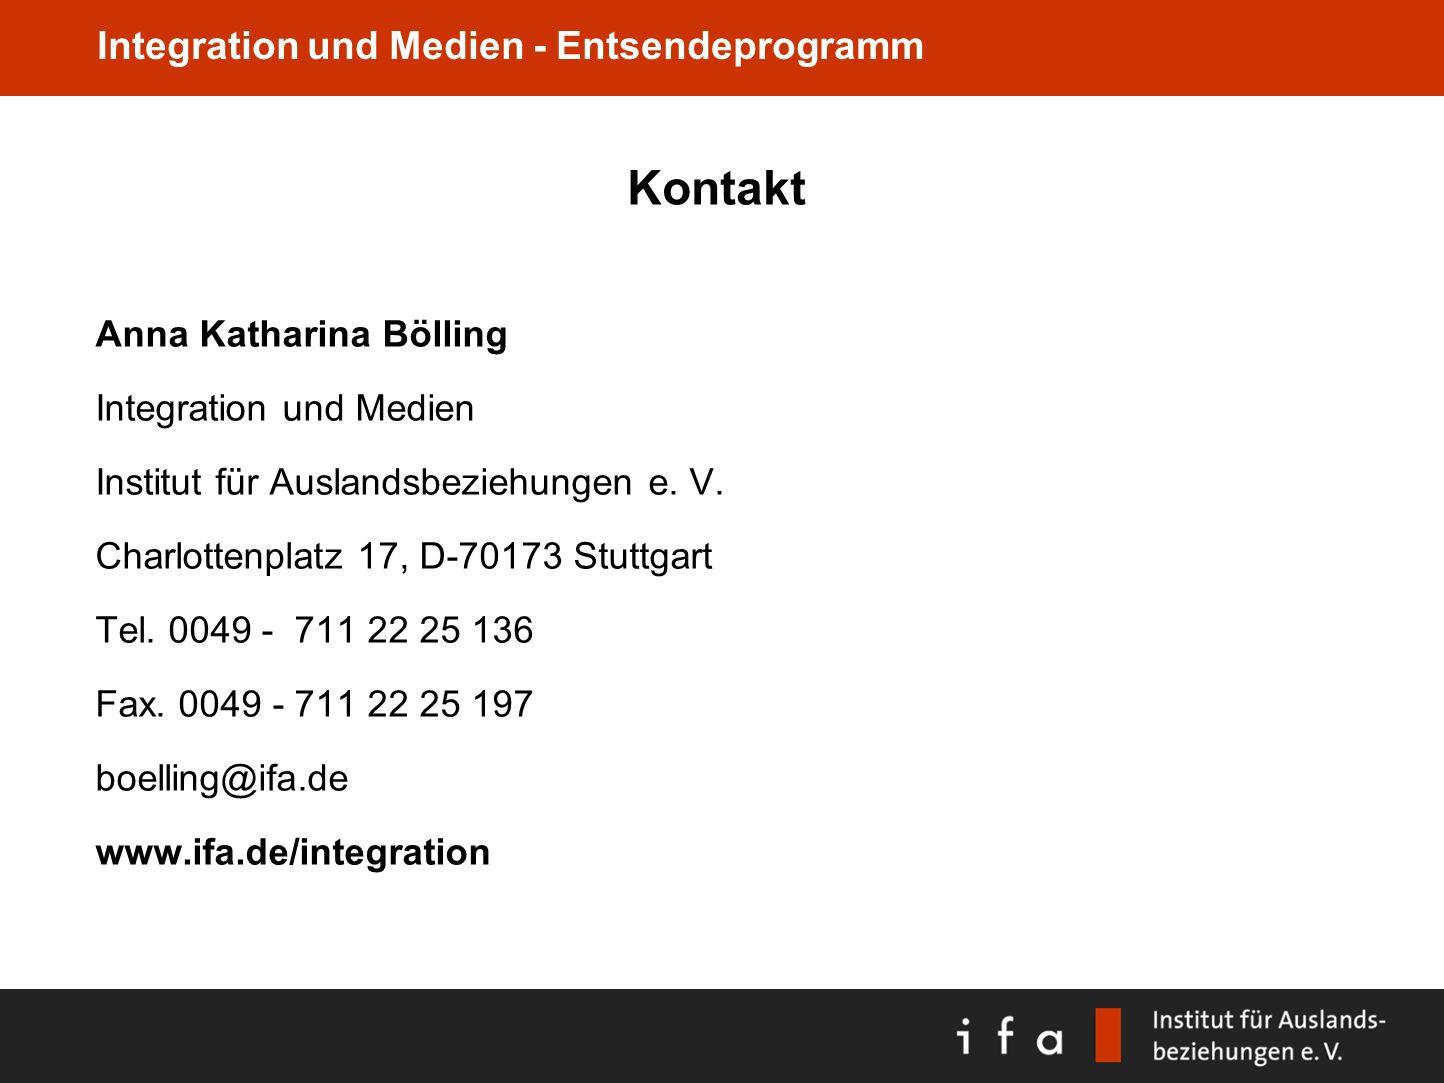 Integration und Medien - Entsendeprogramm Kontakt Anna Katharina Bölling Integration und Medien Institut für Auslandsbeziehungen e. V. Charlottenplatz